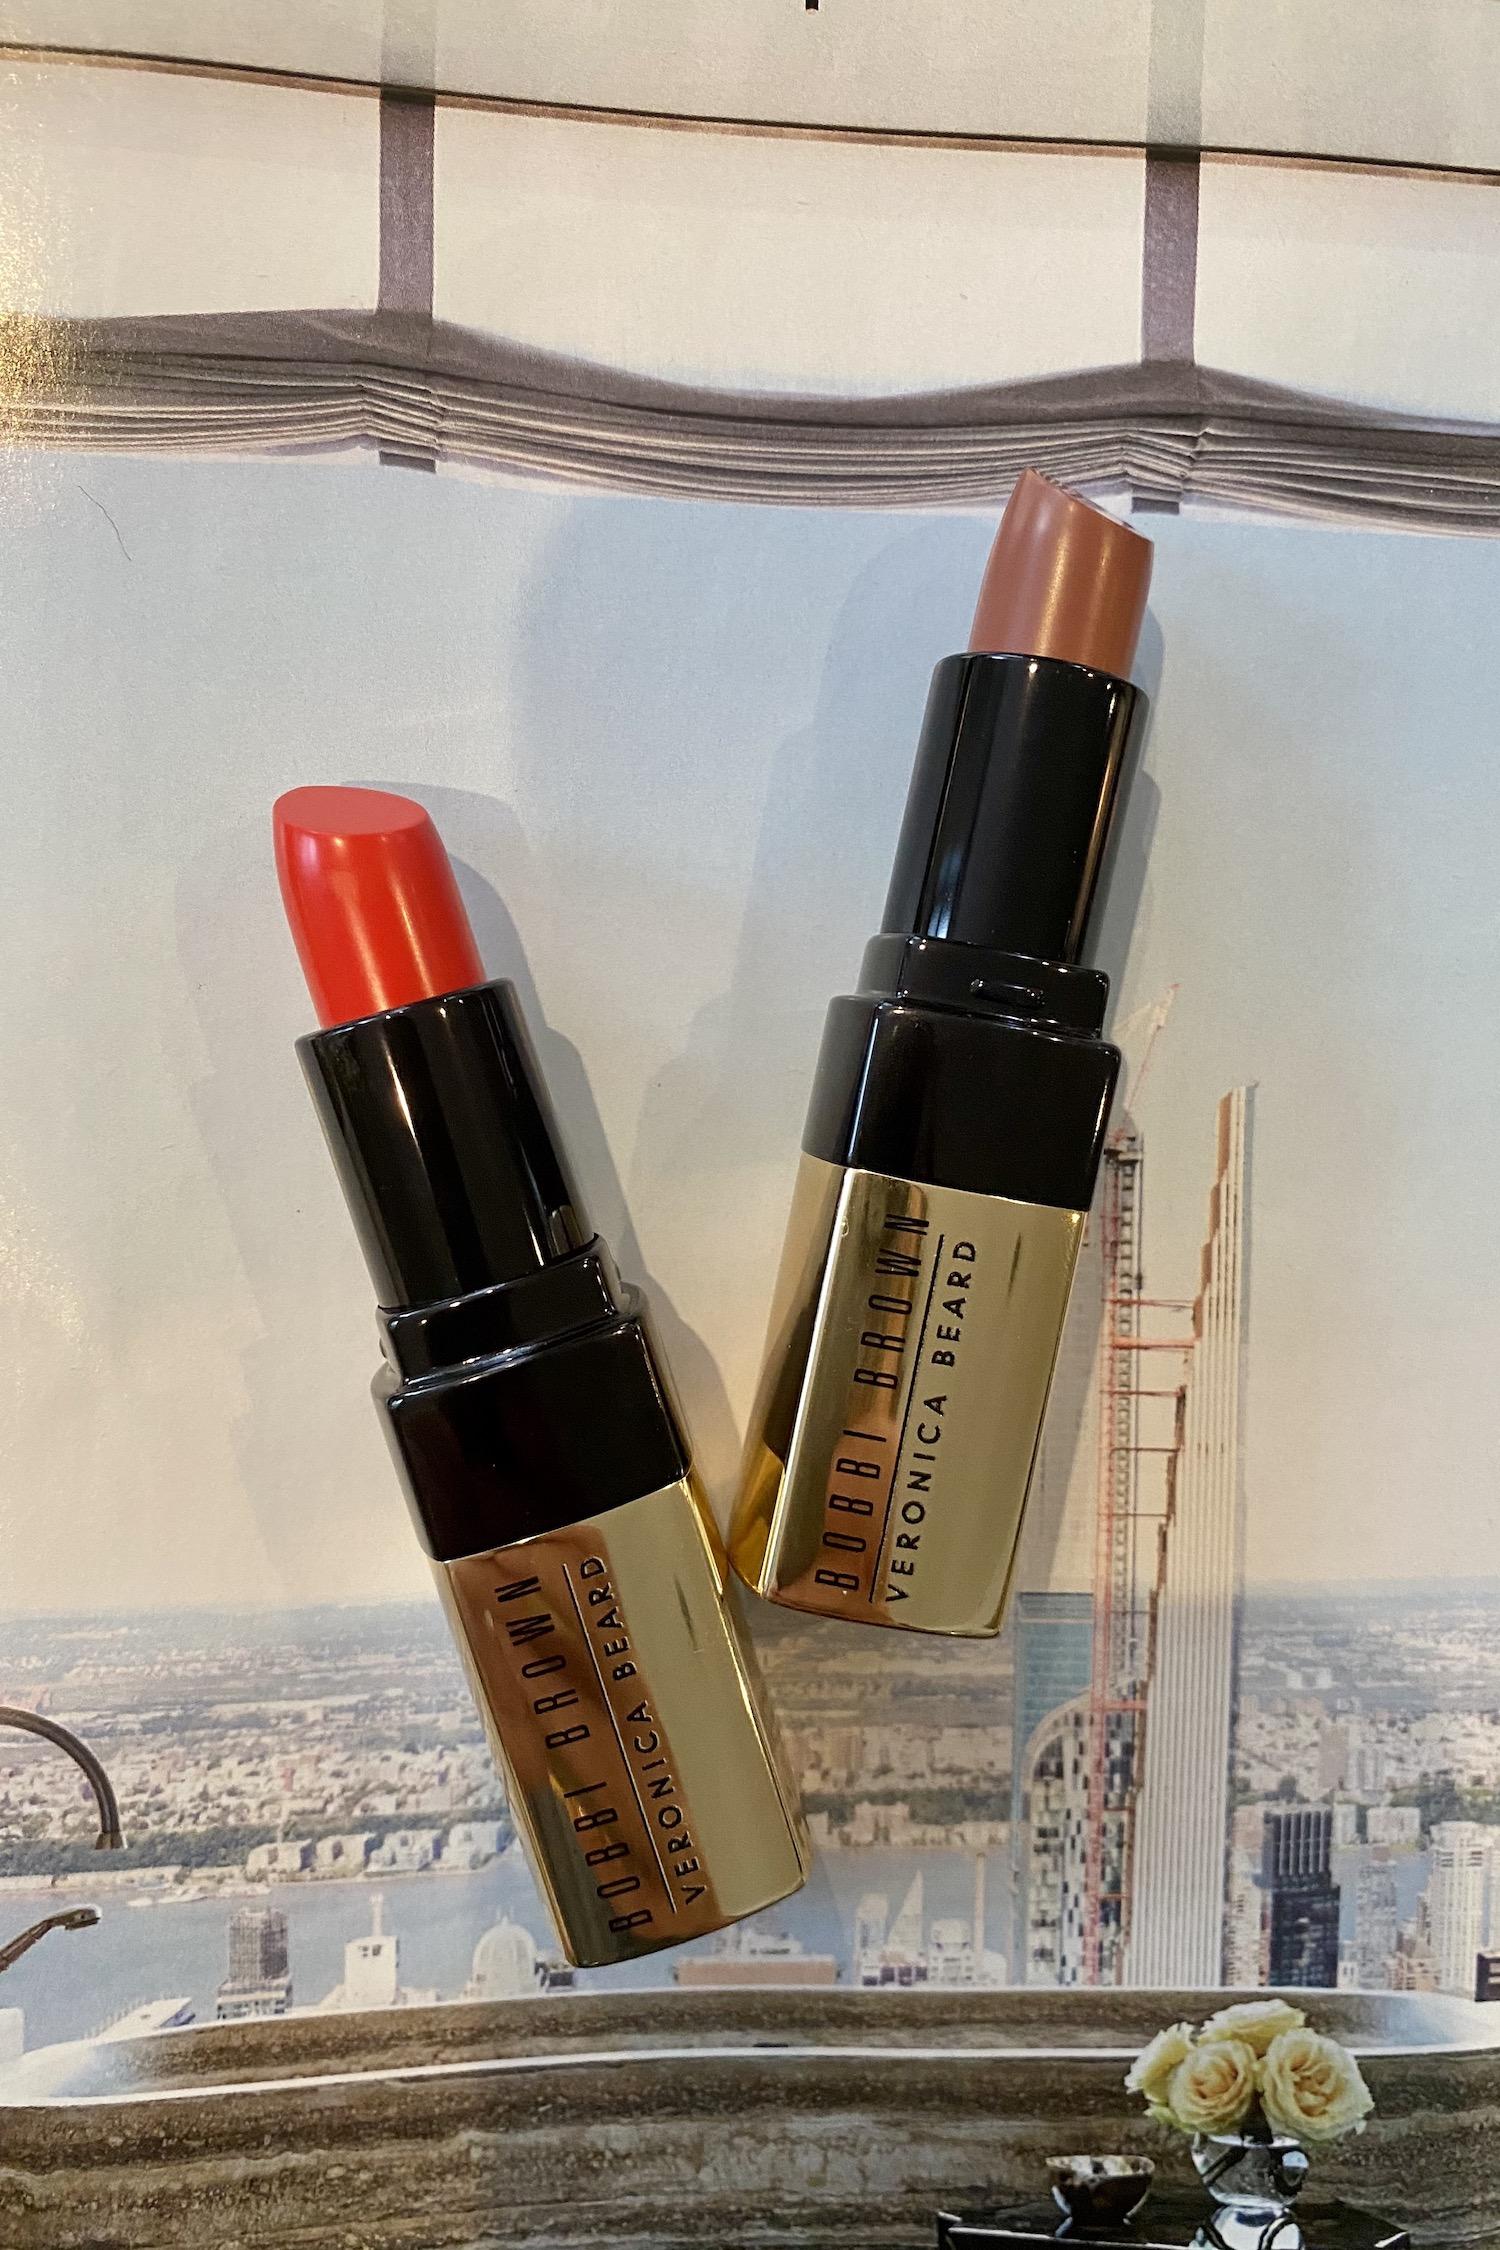 Veronica Beard x Bobbi Brown lipsticks